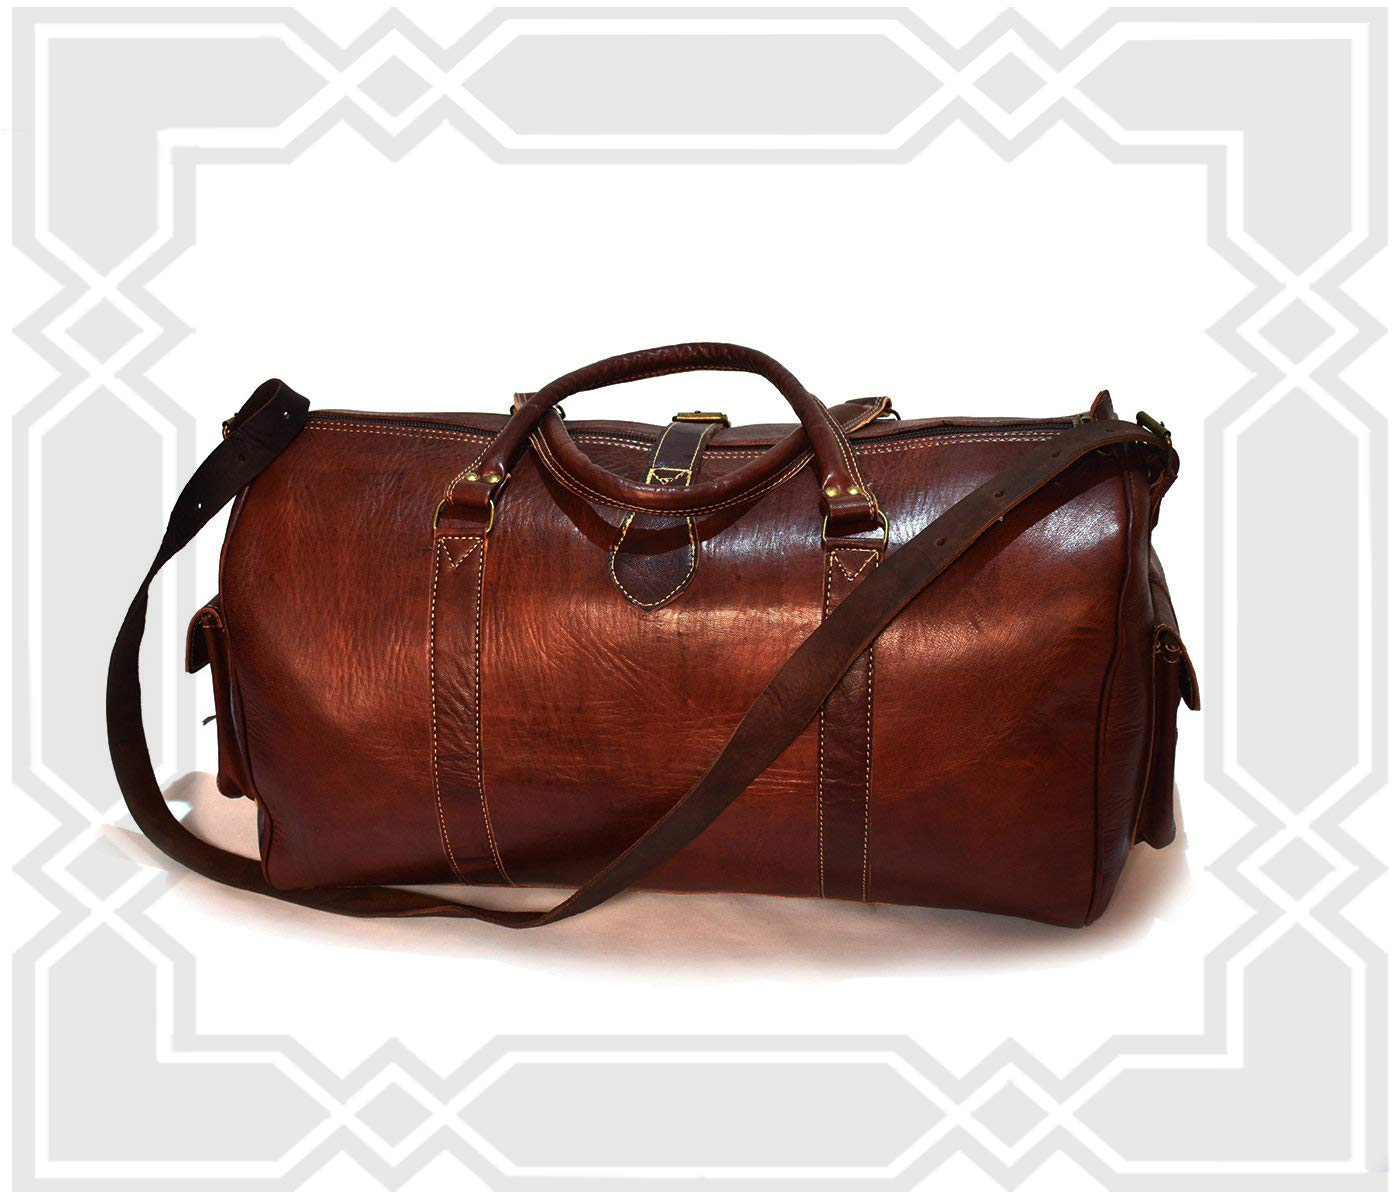 Medium Moroccan Leather Travel Bag Rustic Dark Brown Leather Weekender Bag Brown Cowhide Leather Duffel